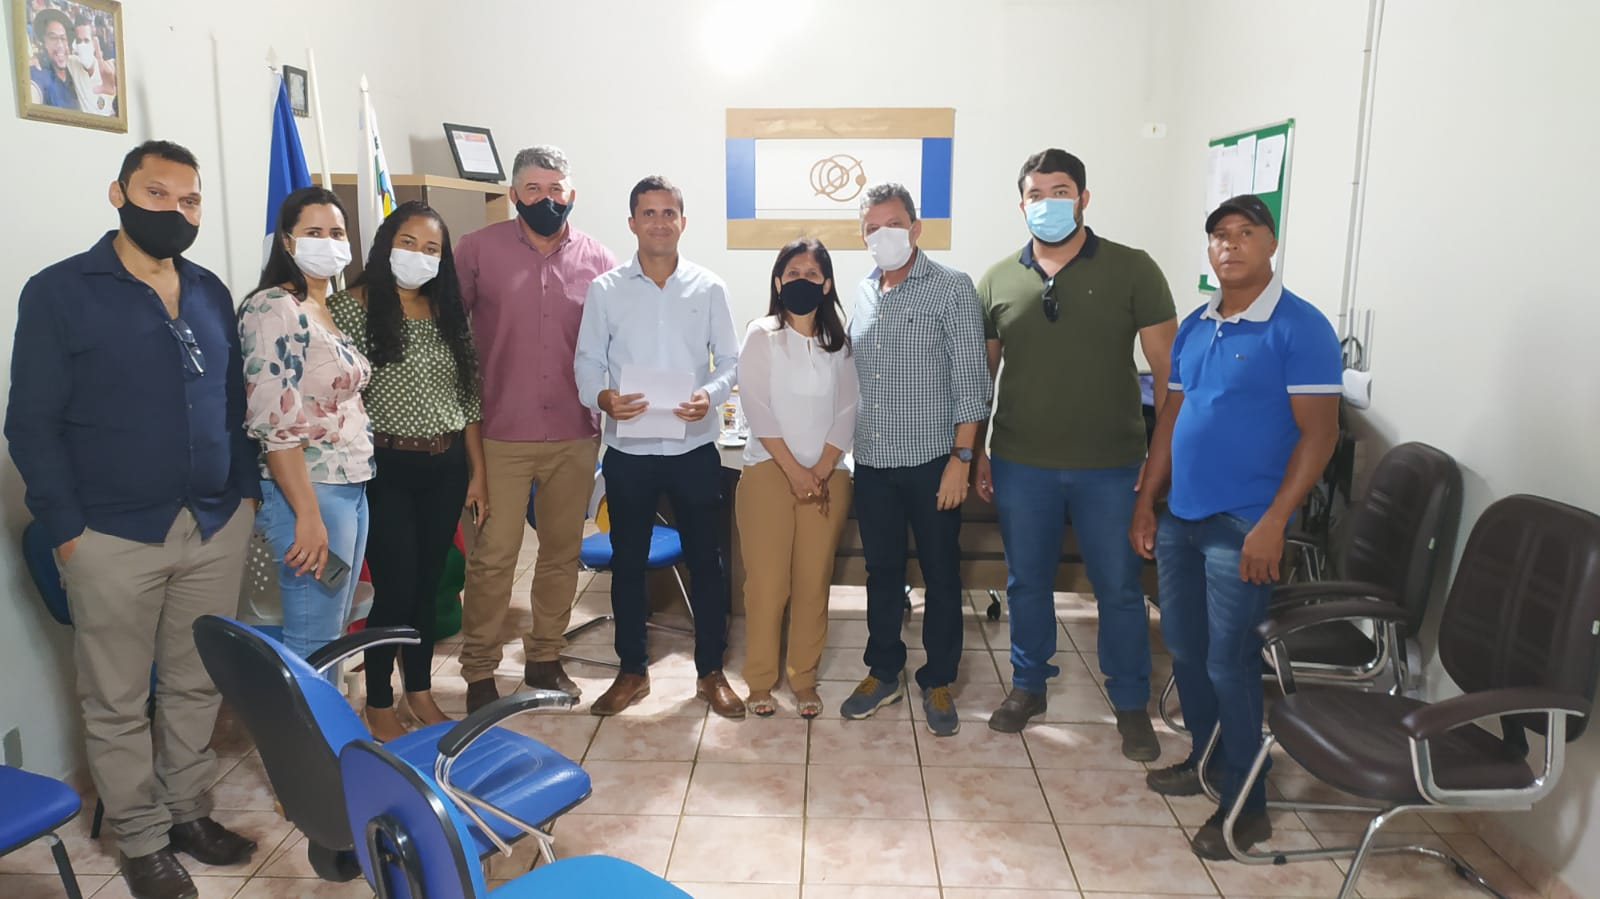 INAUGURACAO LICINIO 1 Deputado Charles Fernandes destaca parcerias com Serra do Ramalho e Urandi